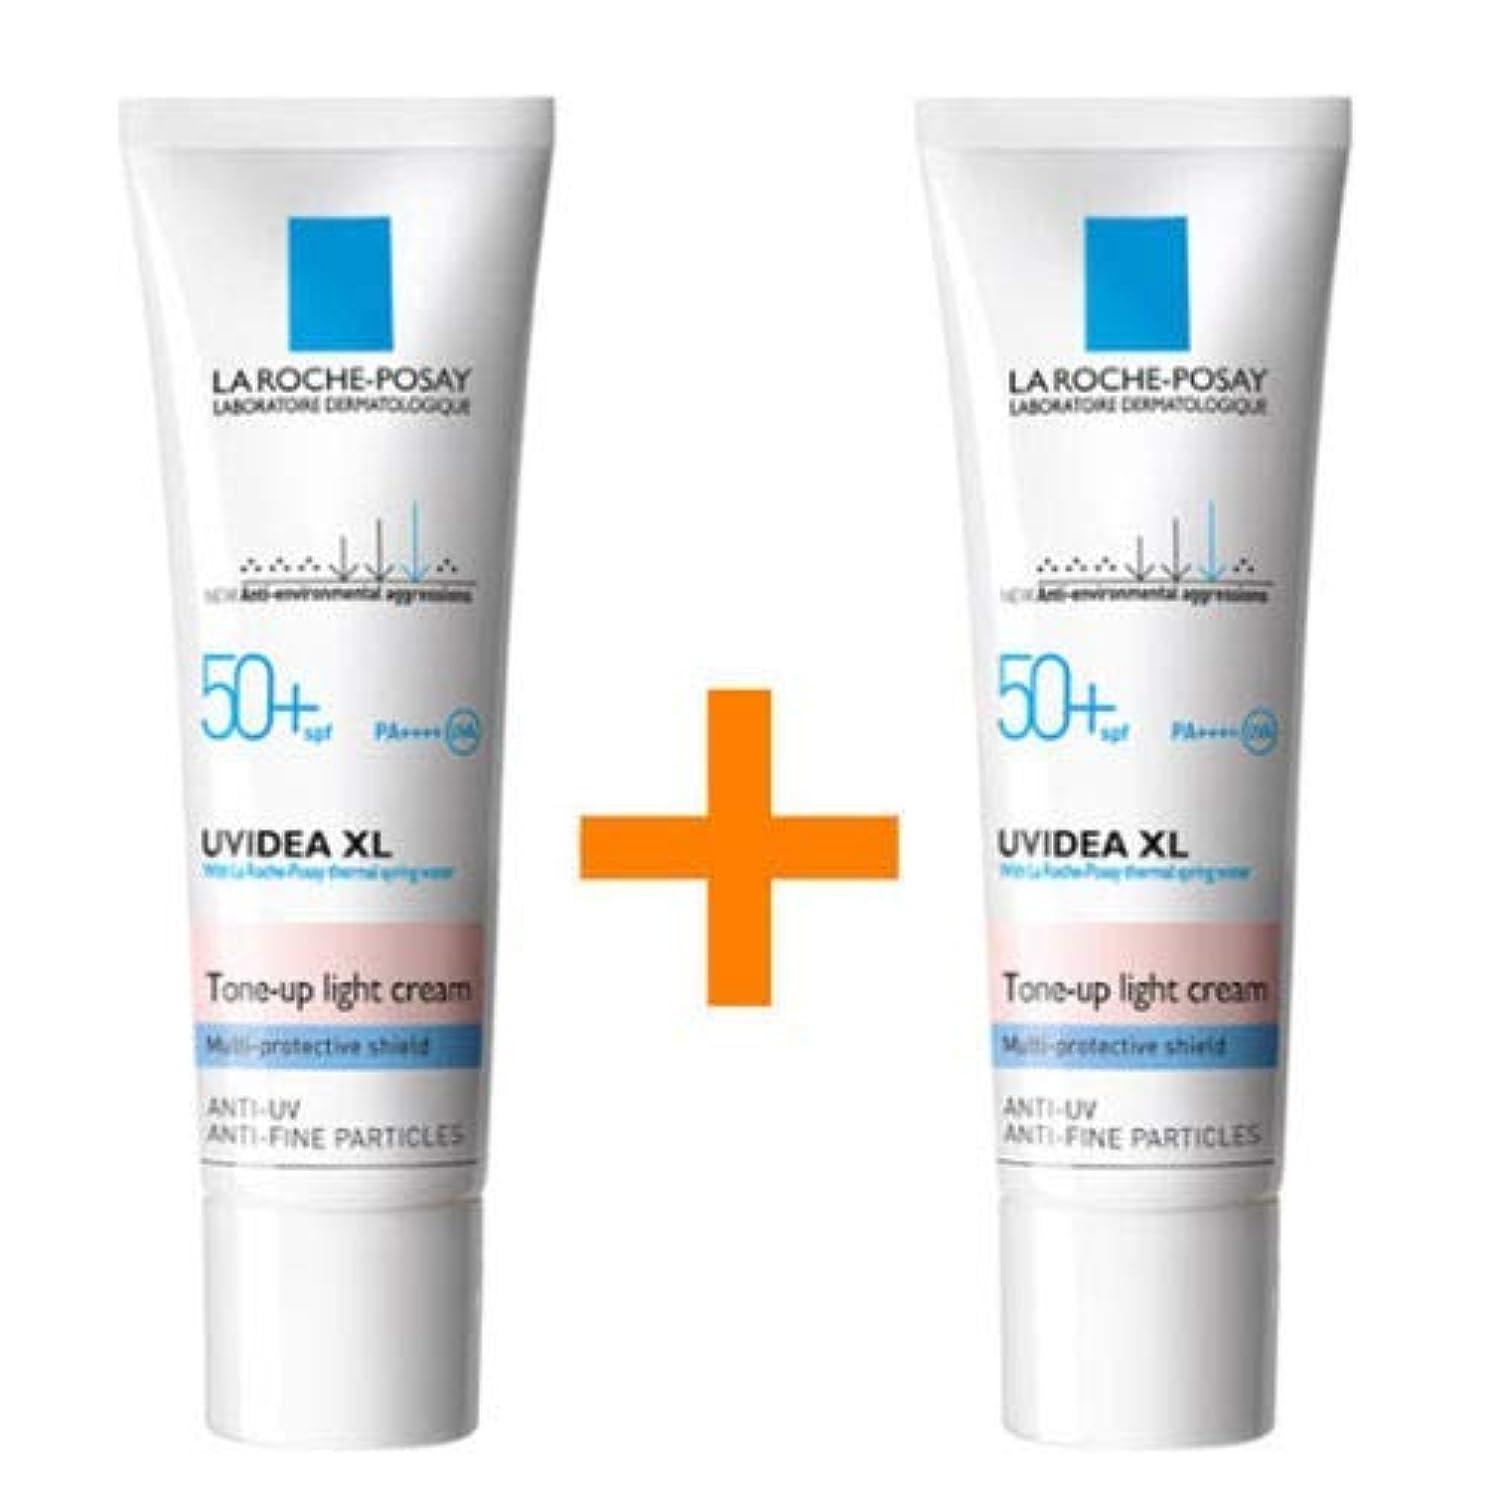 ラウズ増強する独特の[ 1 + 1 ] La Roche-Posay ラロッシュポゼ UVイデア XL プロテクショントーンアップ Uvidea XL Tone-up Light Cream (30ml)